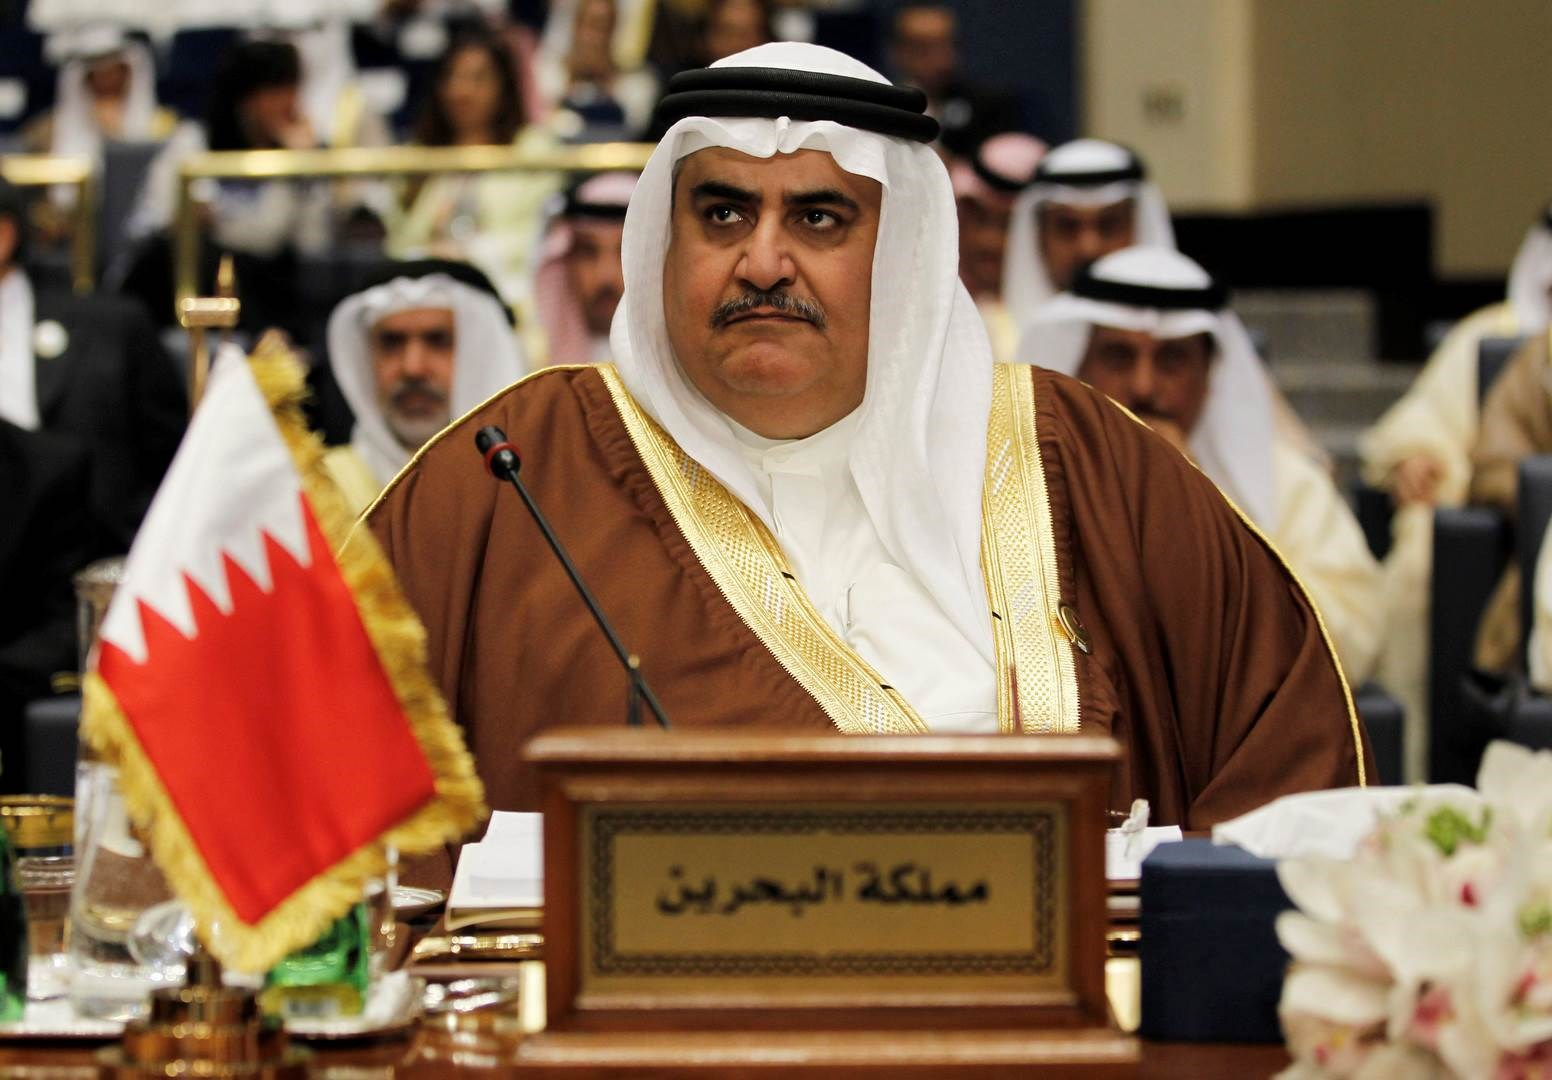 خالد بن أحمد آل خليفة يوجه رسالة وصفها